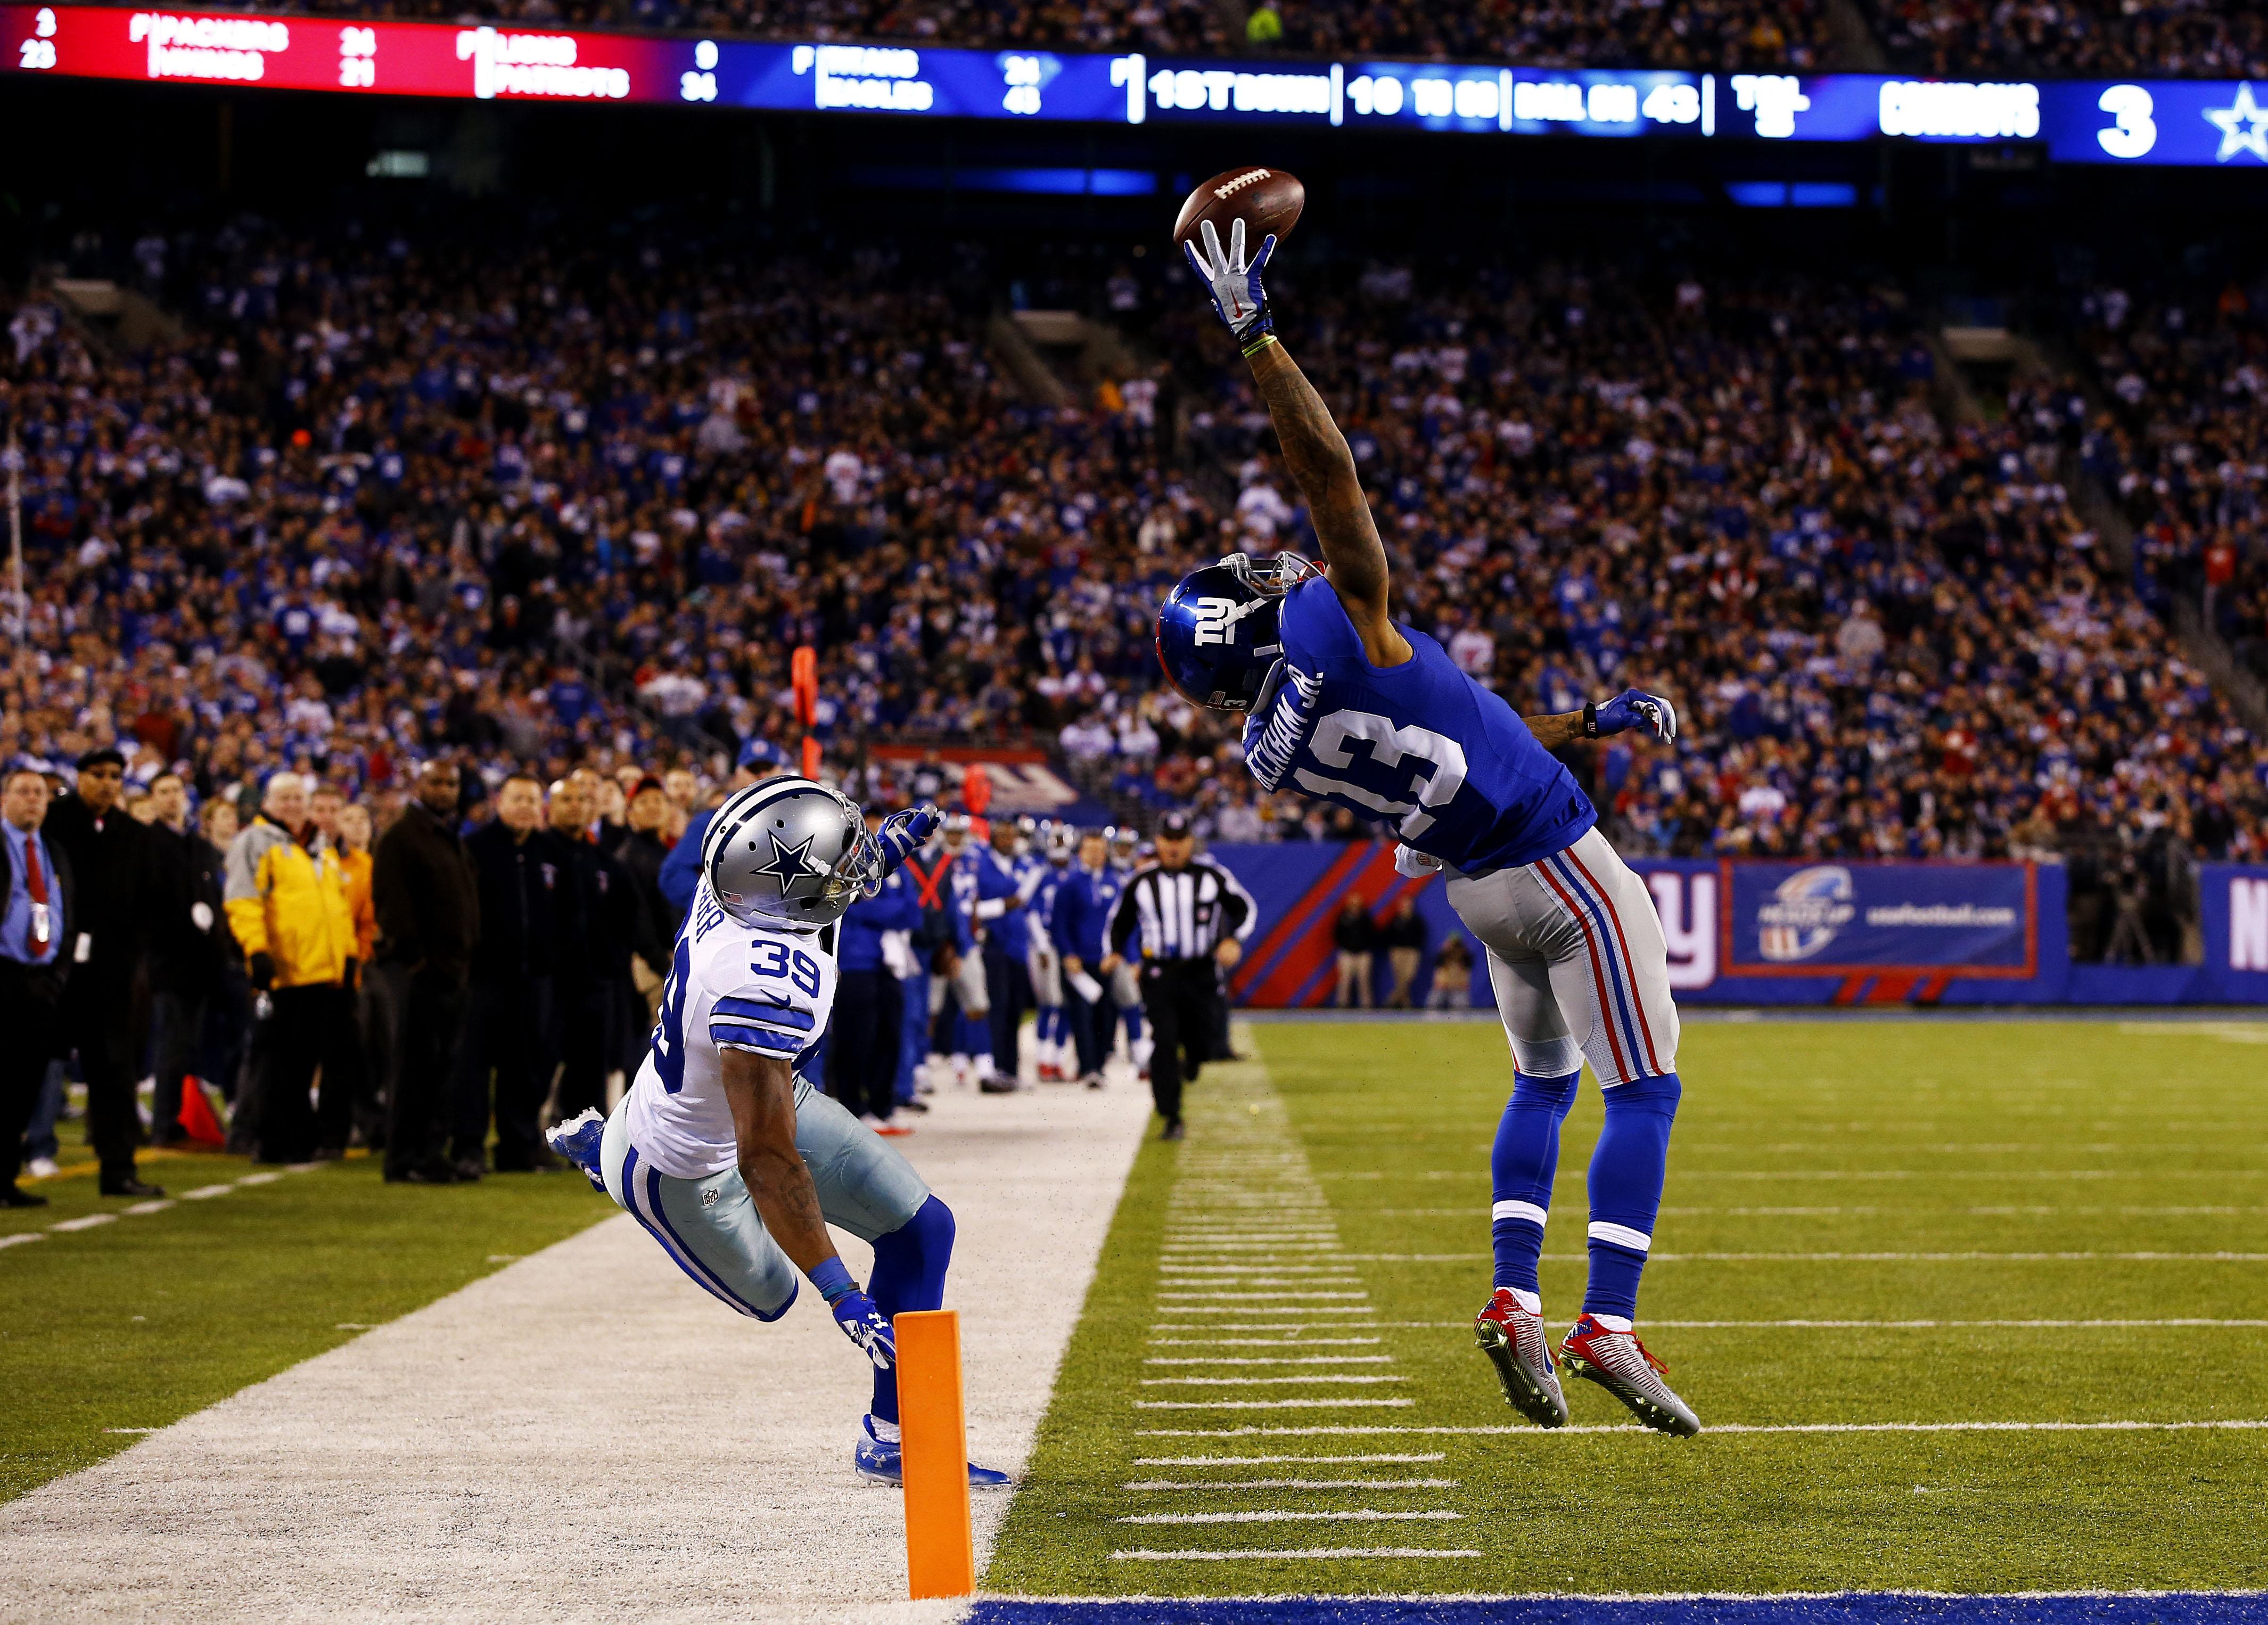 Odell Beckham makes an incredible 43-yard touchdown catch